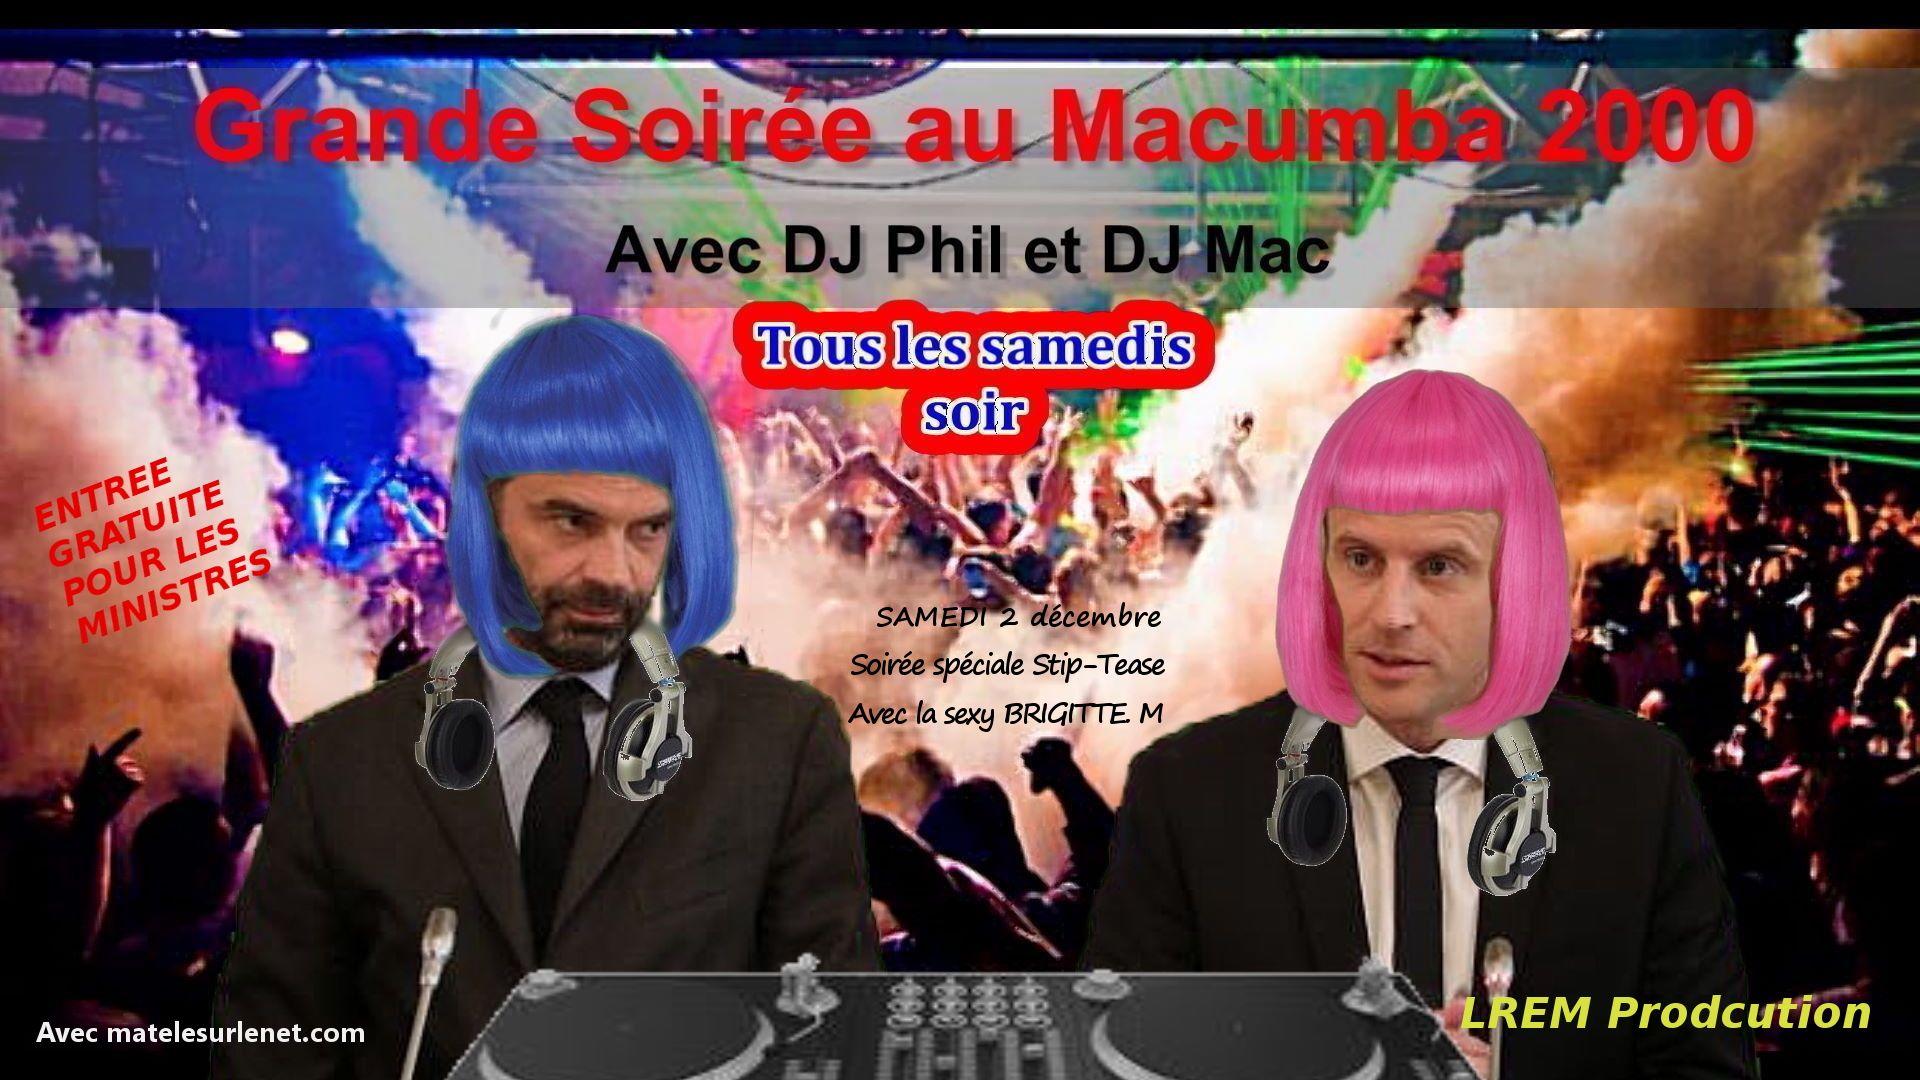 Épinglé sur humour et actualité Française